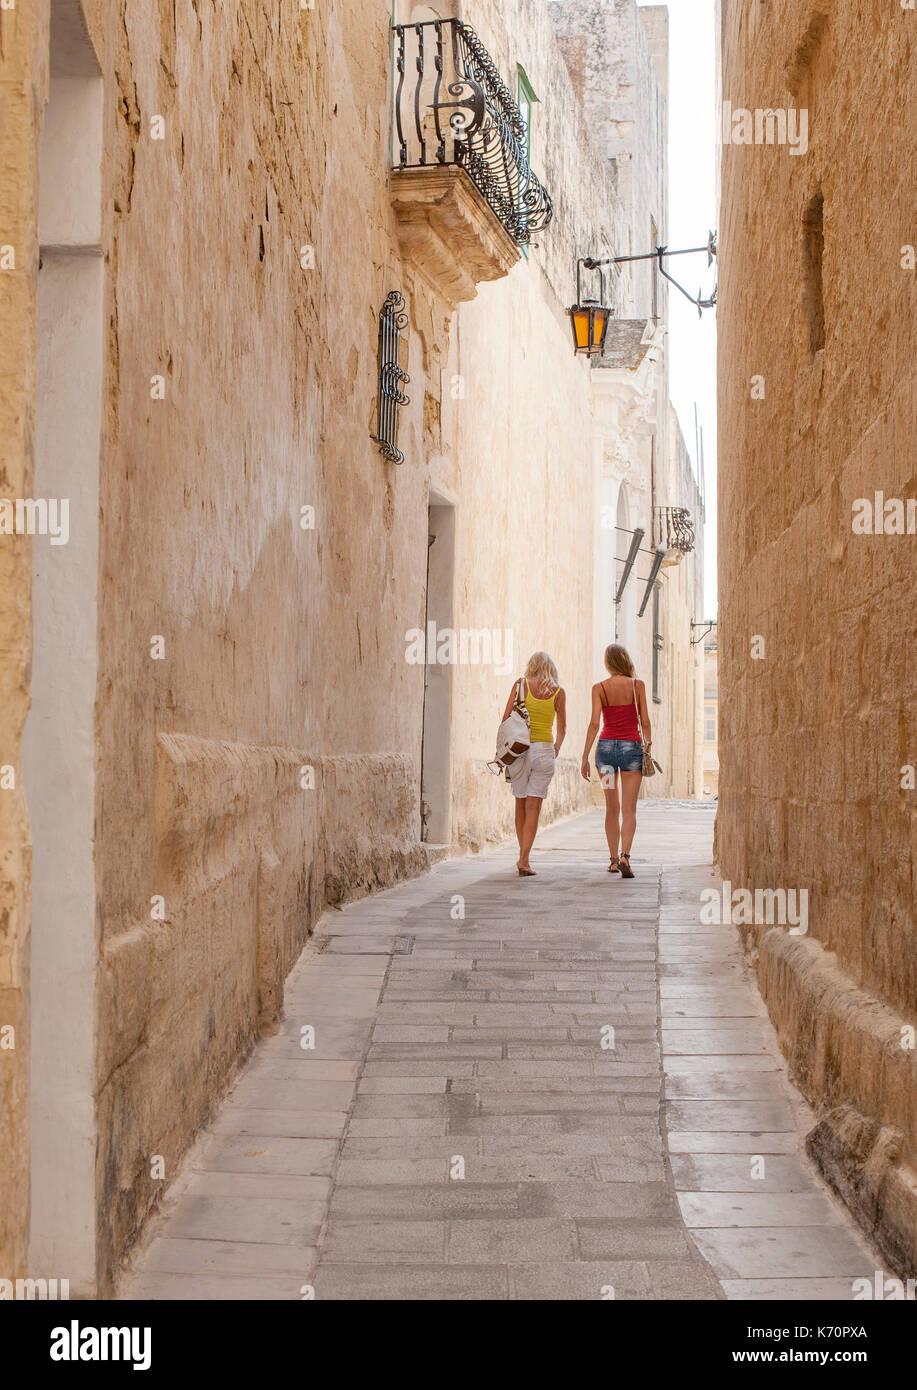 Die engen Gassen der historischen Festungsstadt Mdina (Città Vecchia oder Città Notabile) auf Malta. Stockbild